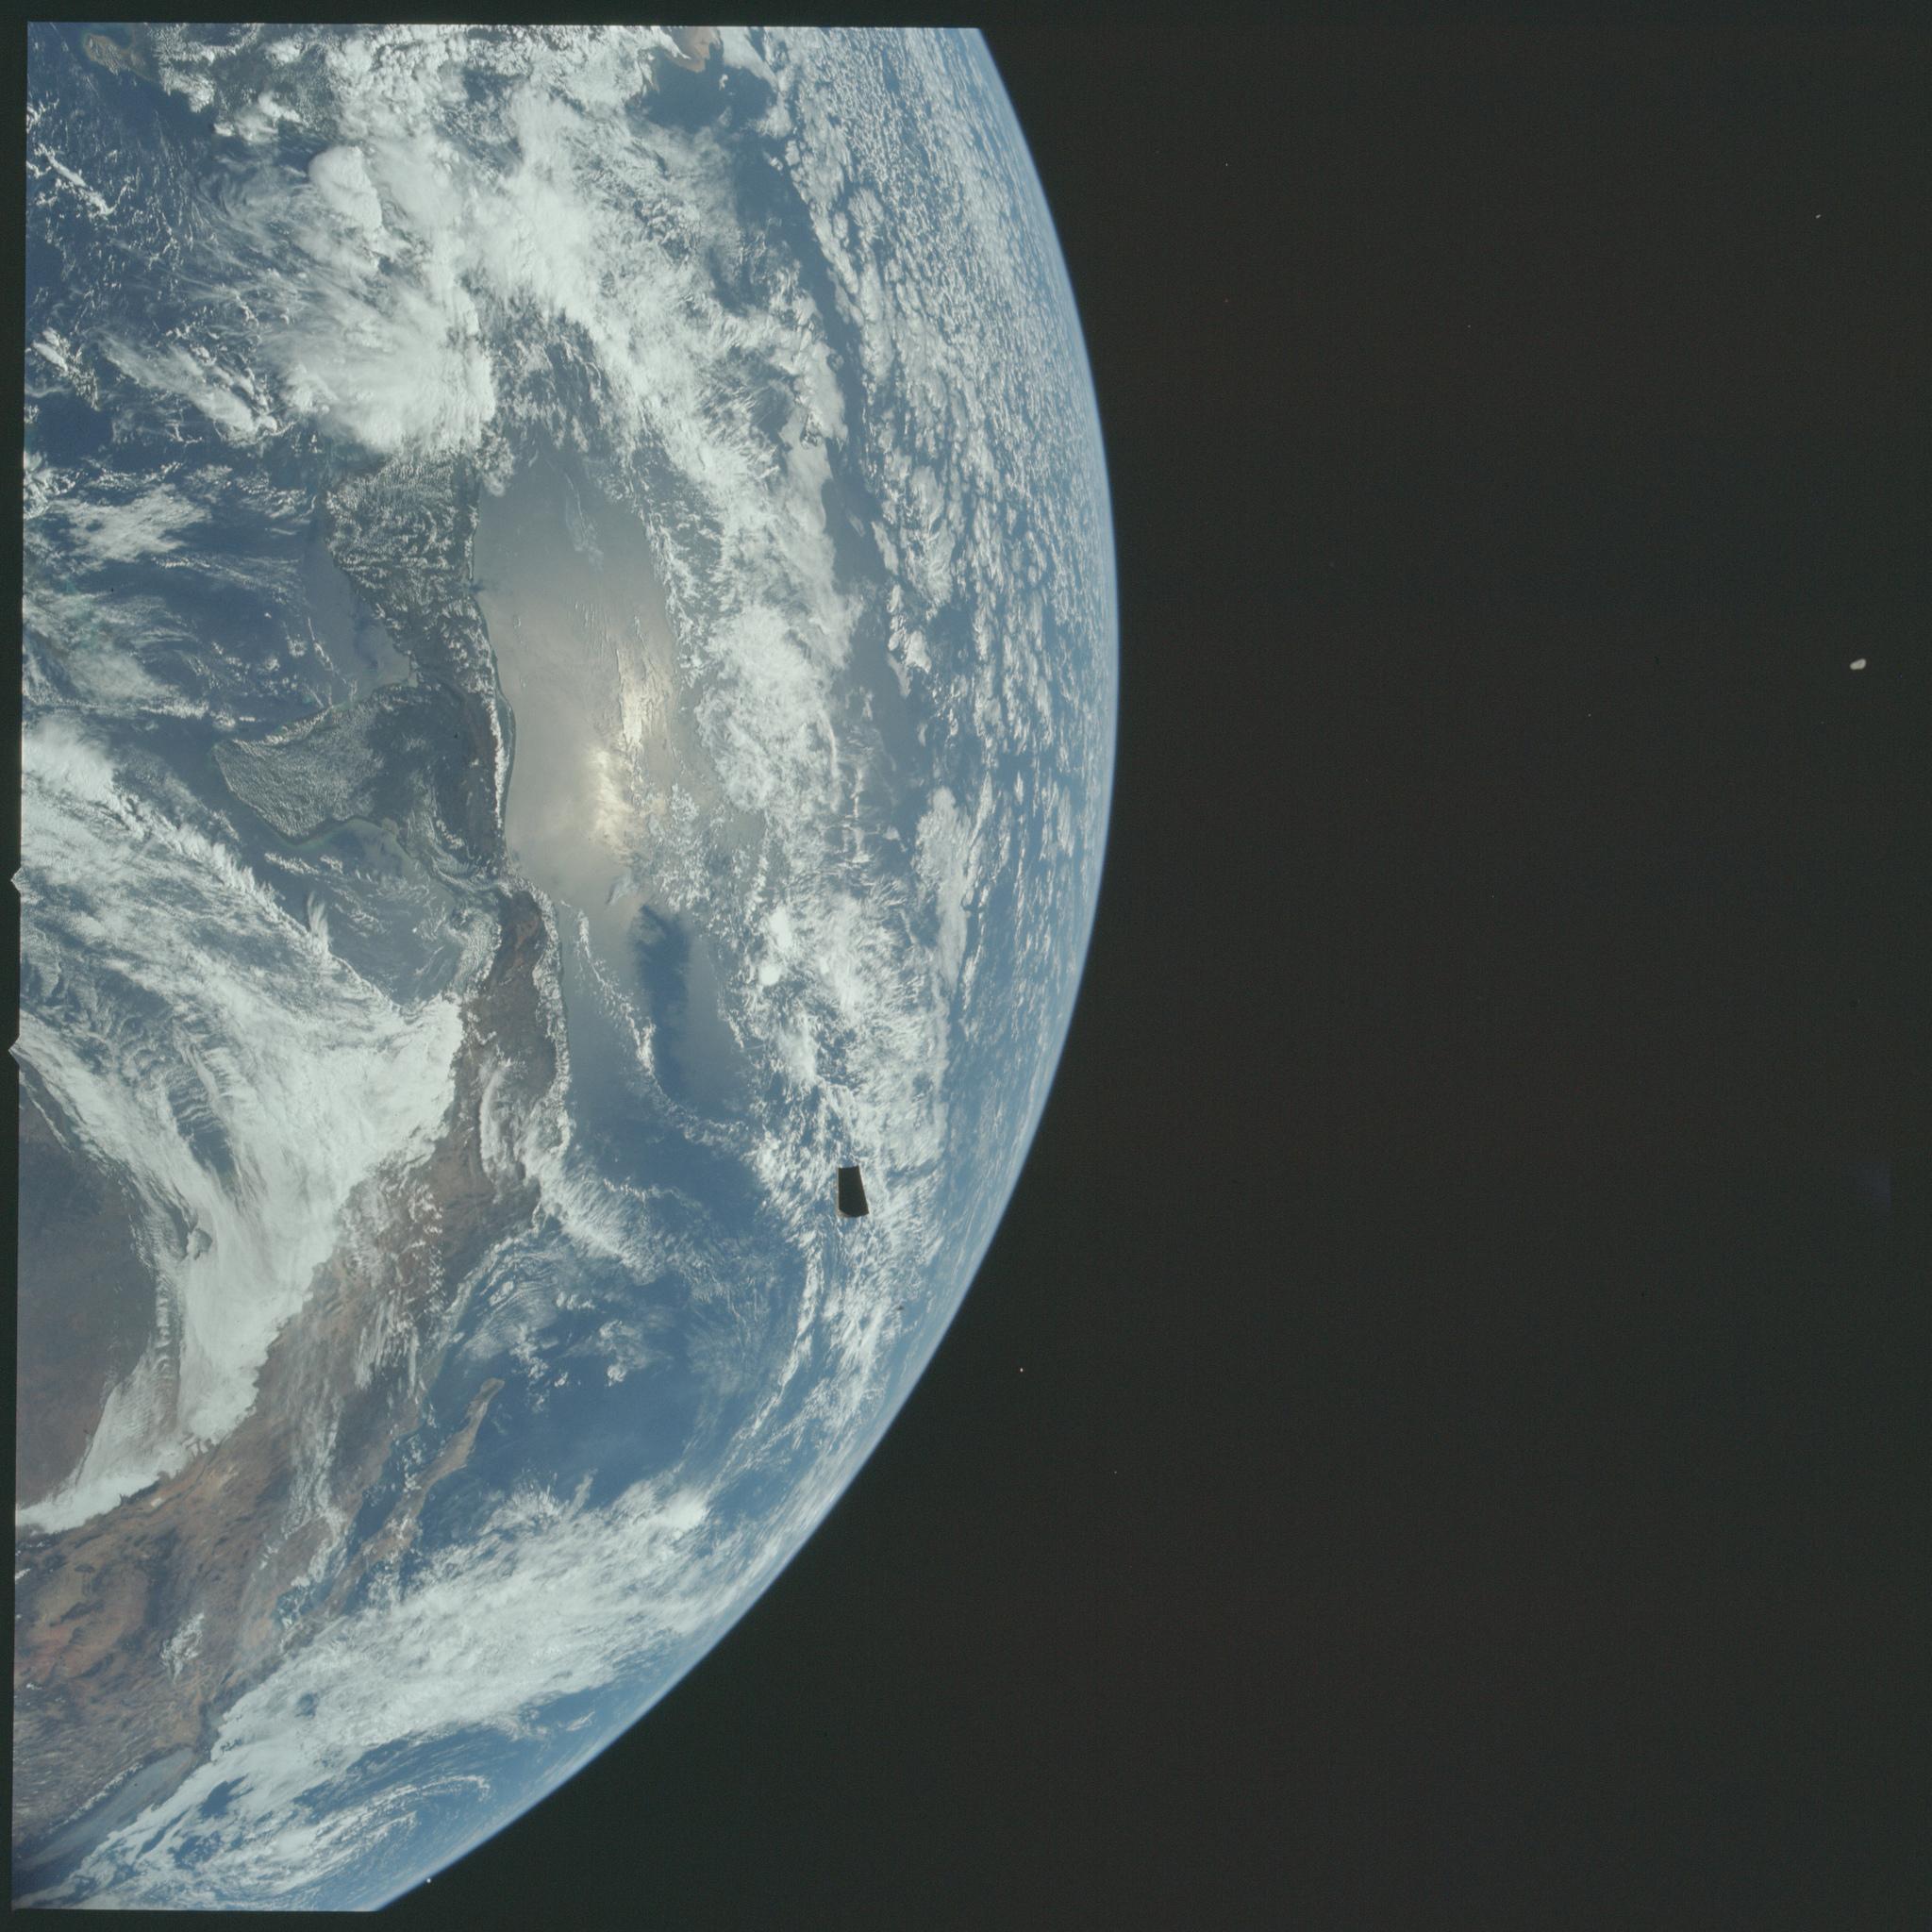 Fotografia Ziemi wykonana podczas misji Apollo 12. Na tle planety możemy zaobserwować jeden z czterech paneli adaptera odrzucanych podczas transpozycji i dokowania.